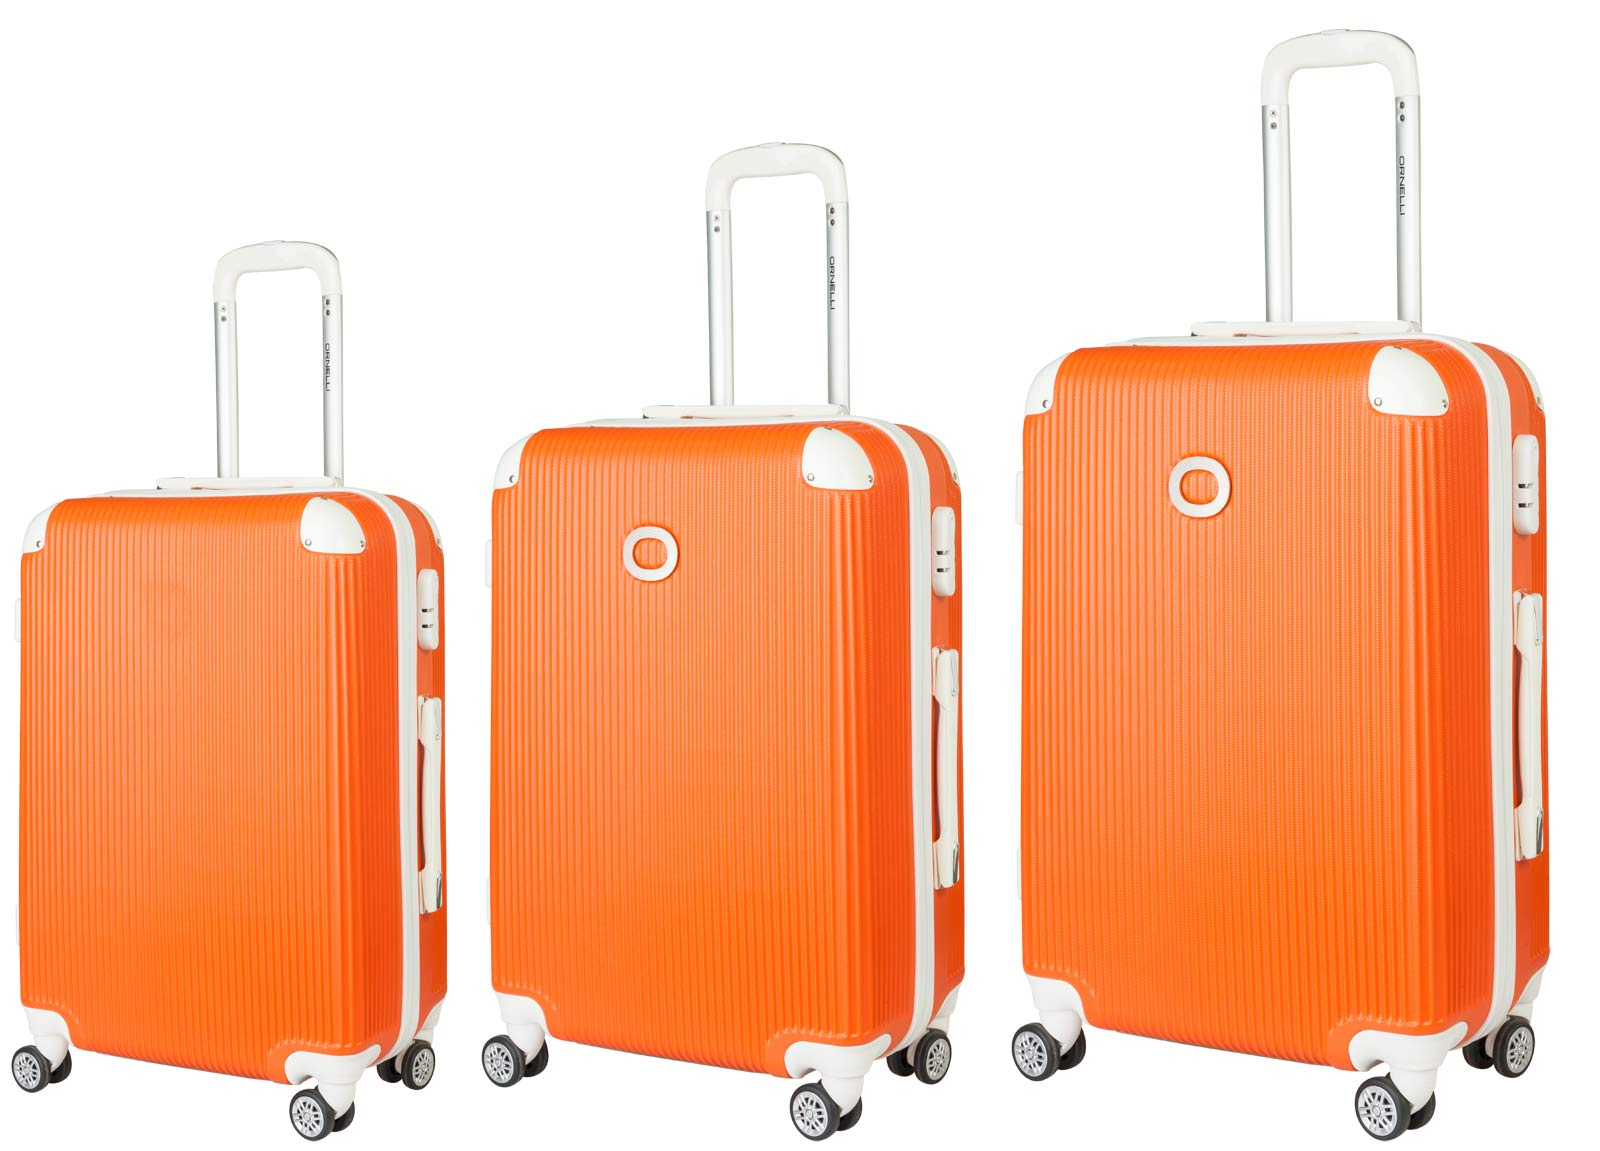 Чемодан Ornelli 3 в 1 , цвет: оранжевый, 2173021730Комплект состоит из 3 чемоданов: маленький чемодан на колесах 35 ? 24 ? 56 cм, средний чемодан на колесах 41 ? 26 ? 67 cм, большой чемодан на колесах 50 ? 37 ? 75 cм . Каркас, 4 колесика и боковая ручка изготовлены из прочного пластика. Выдвижная двухступенчатая ручка сделана из прочного металла. Дополнительно кодовый замок гарантирует безопасность. Внутри отделение с эластичными ремнями, предохраняющими одежду от перемещения и 2 кармана из сетки на молнии. В комплект идет чехол для защиты от грязи.